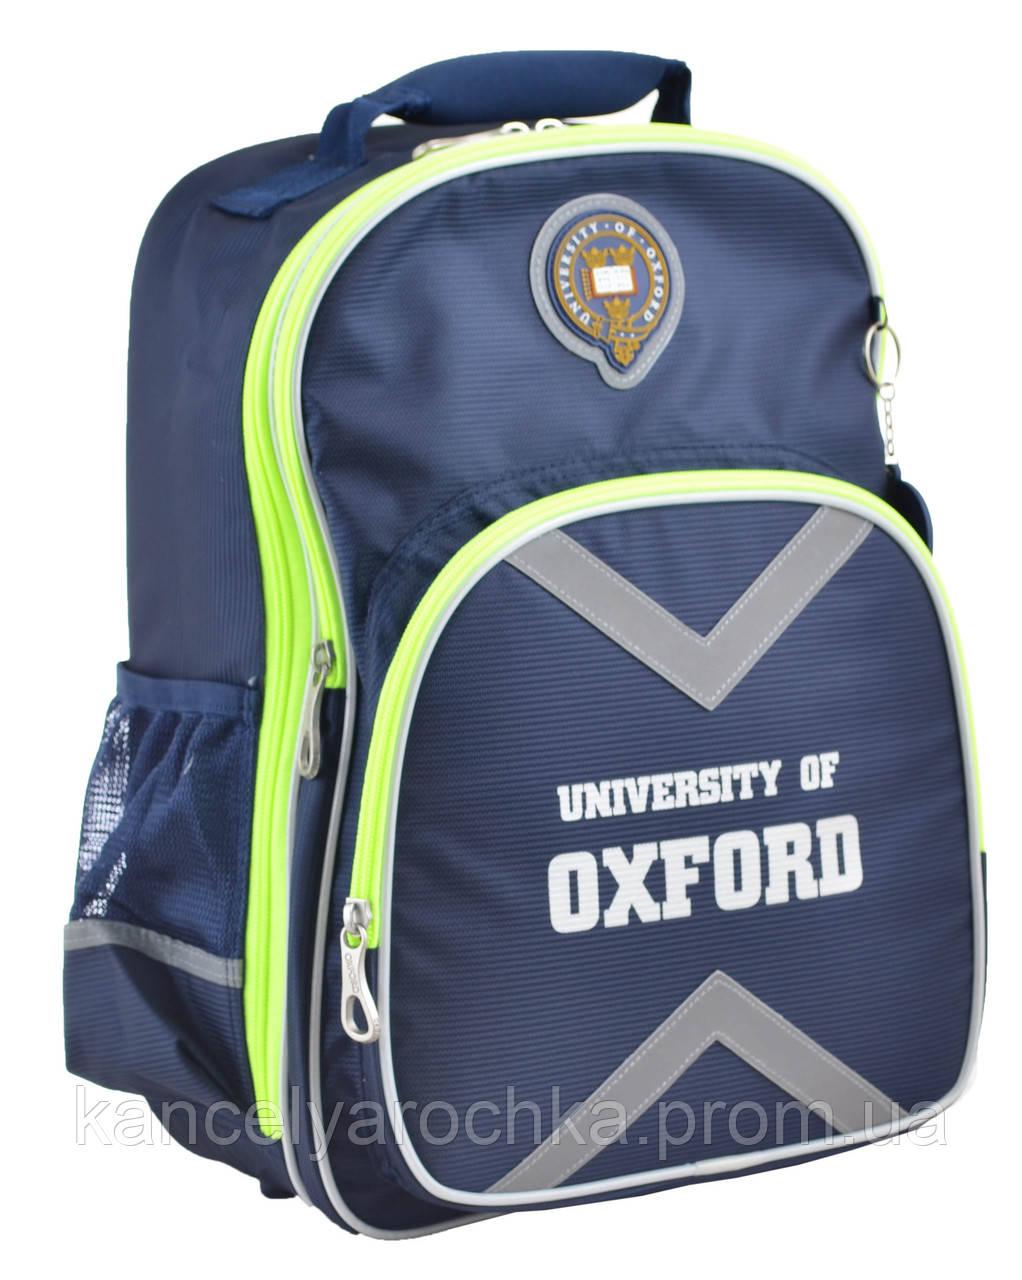 Рюкзак школьный Оксфорд, фото 1